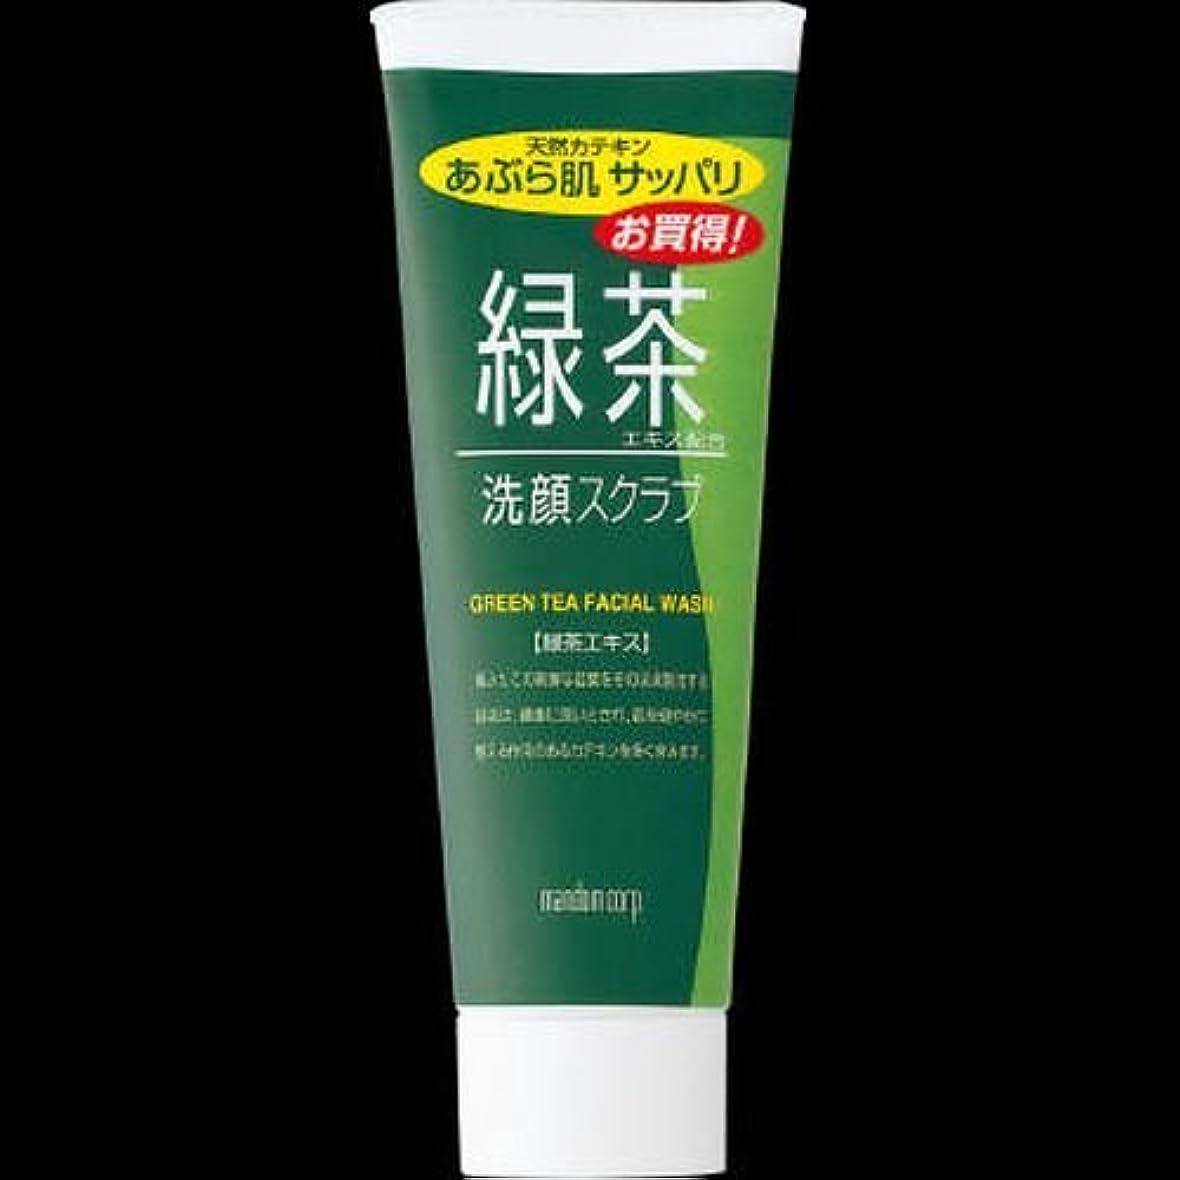 宇宙船豆グレード【まとめ買い】マンダム 緑茶洗顔スクラブ100g ×2セット